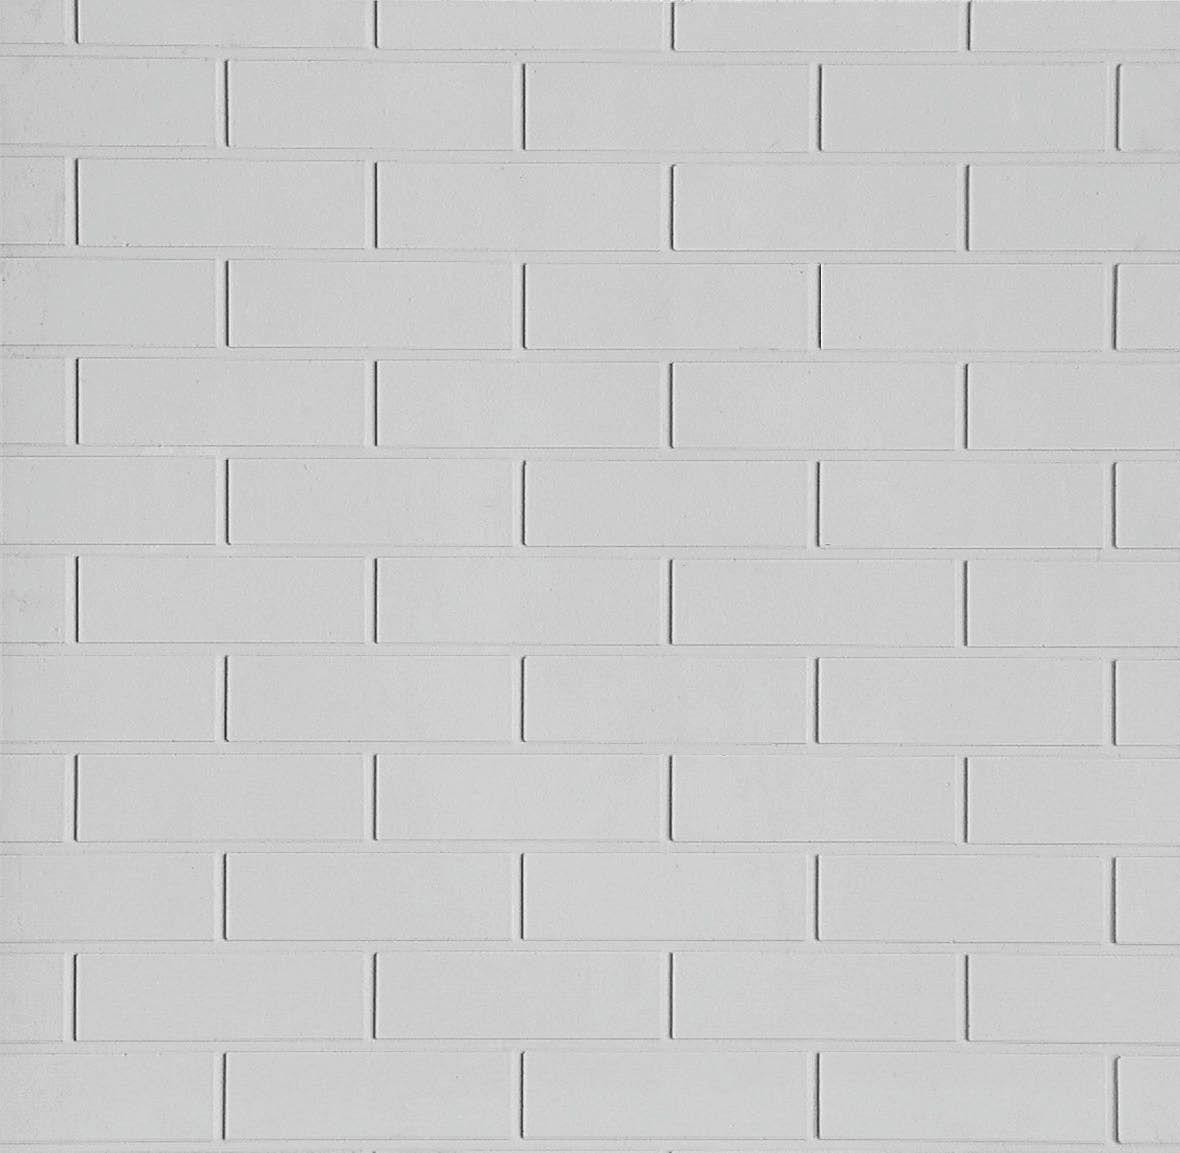 Molde De Encofrado Para Muro Aspecto Ladrillo Para Hormigon - Ladrillo-de-hormigon